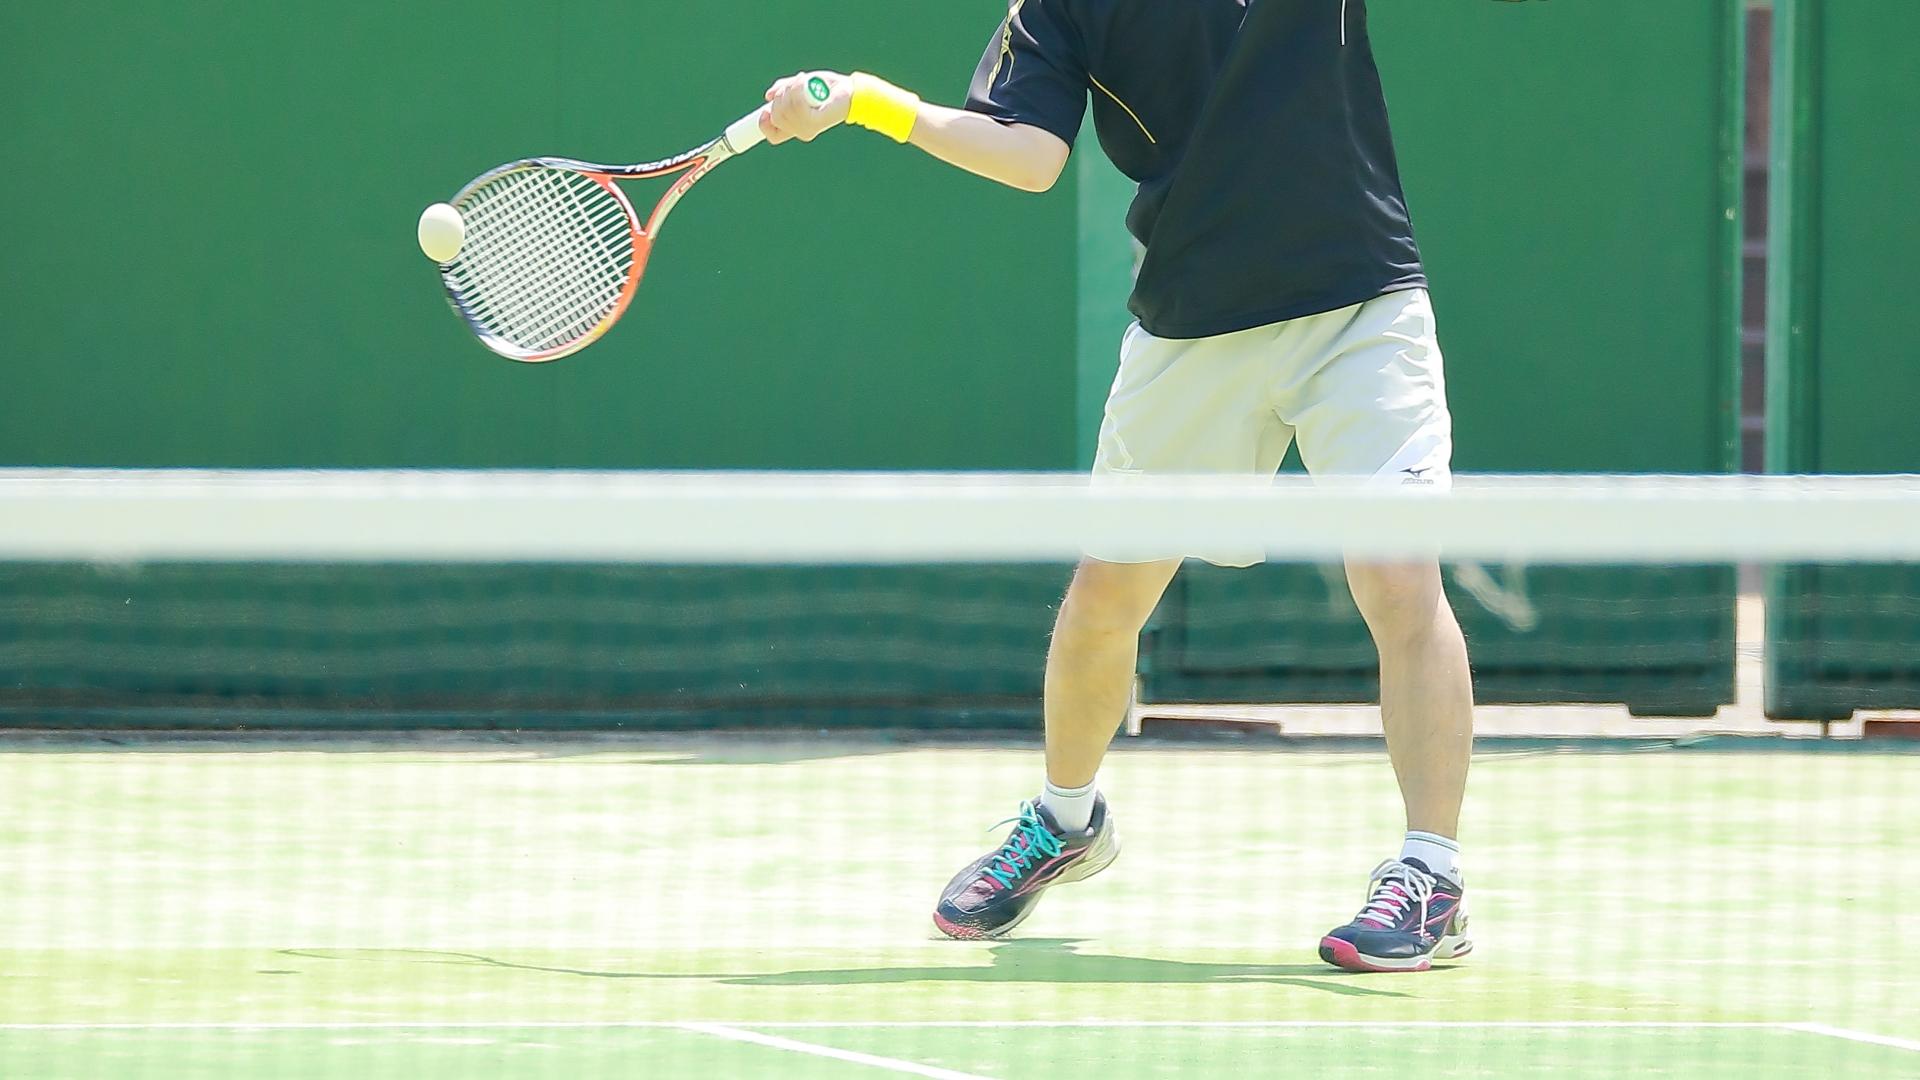 【テニスの基本】構え(レディ)の仕方と必要性